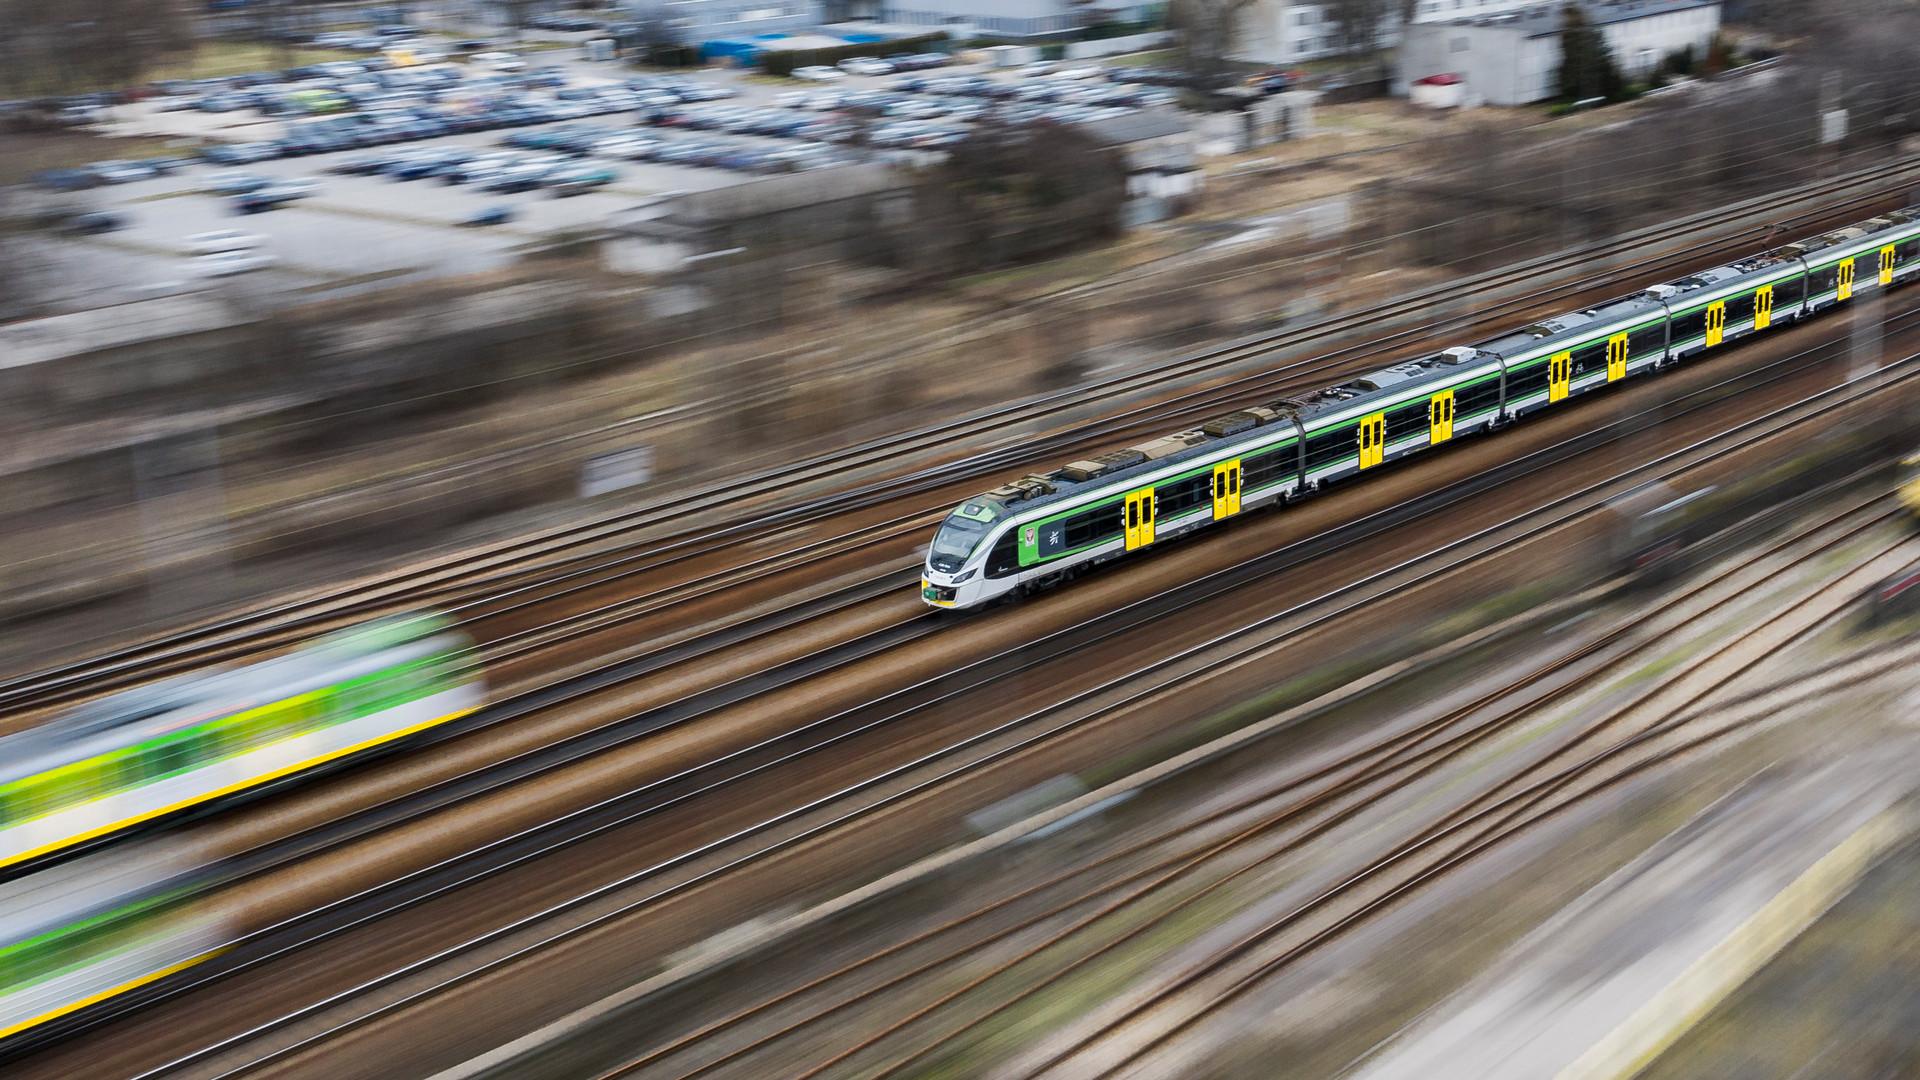 pociąg_panning_warszawa_wschodnia_luty_